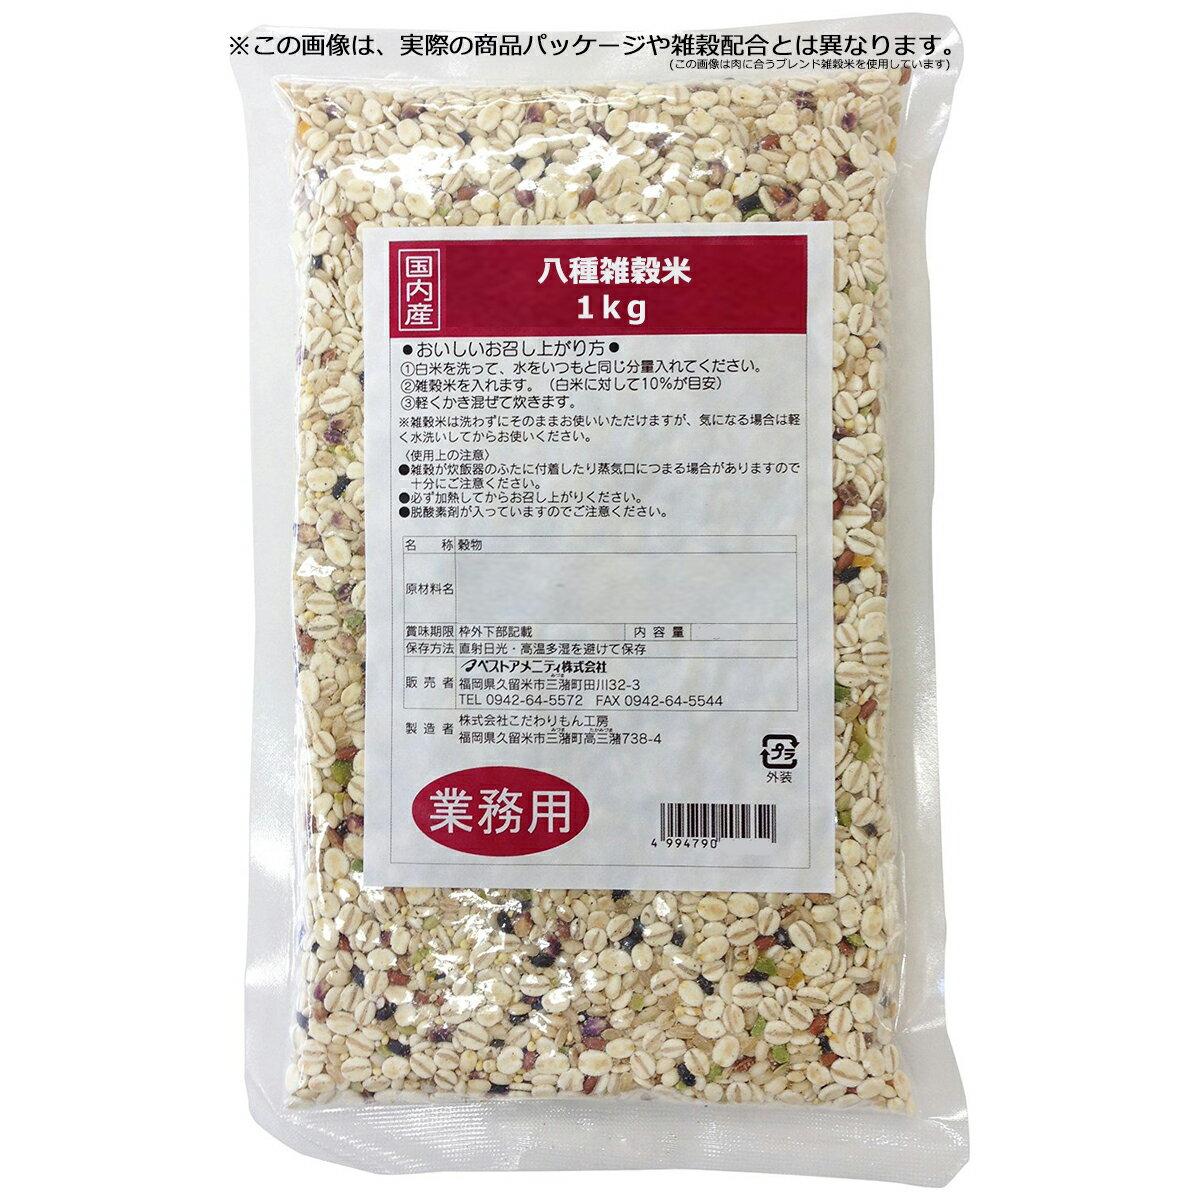 ベストアメニティ株式会社 国内産 八種雑穀米〈業務用〉1kg×20個セット(ご注文後のキャンセルができません)